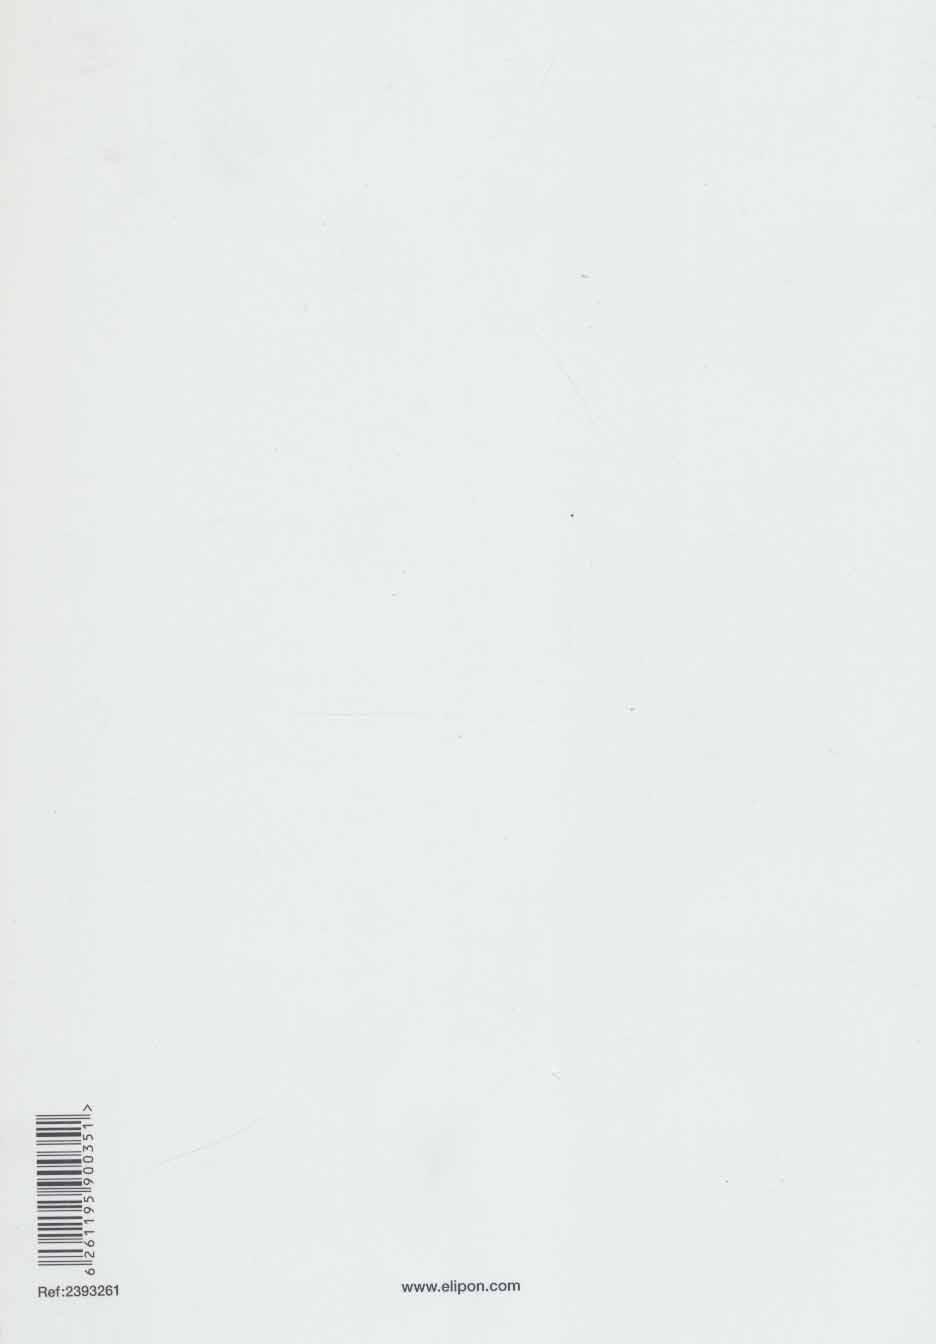 دفتر یادداشت خط دار فانتزی 100 برگ (8طرح،کد 239)،(سیمی)